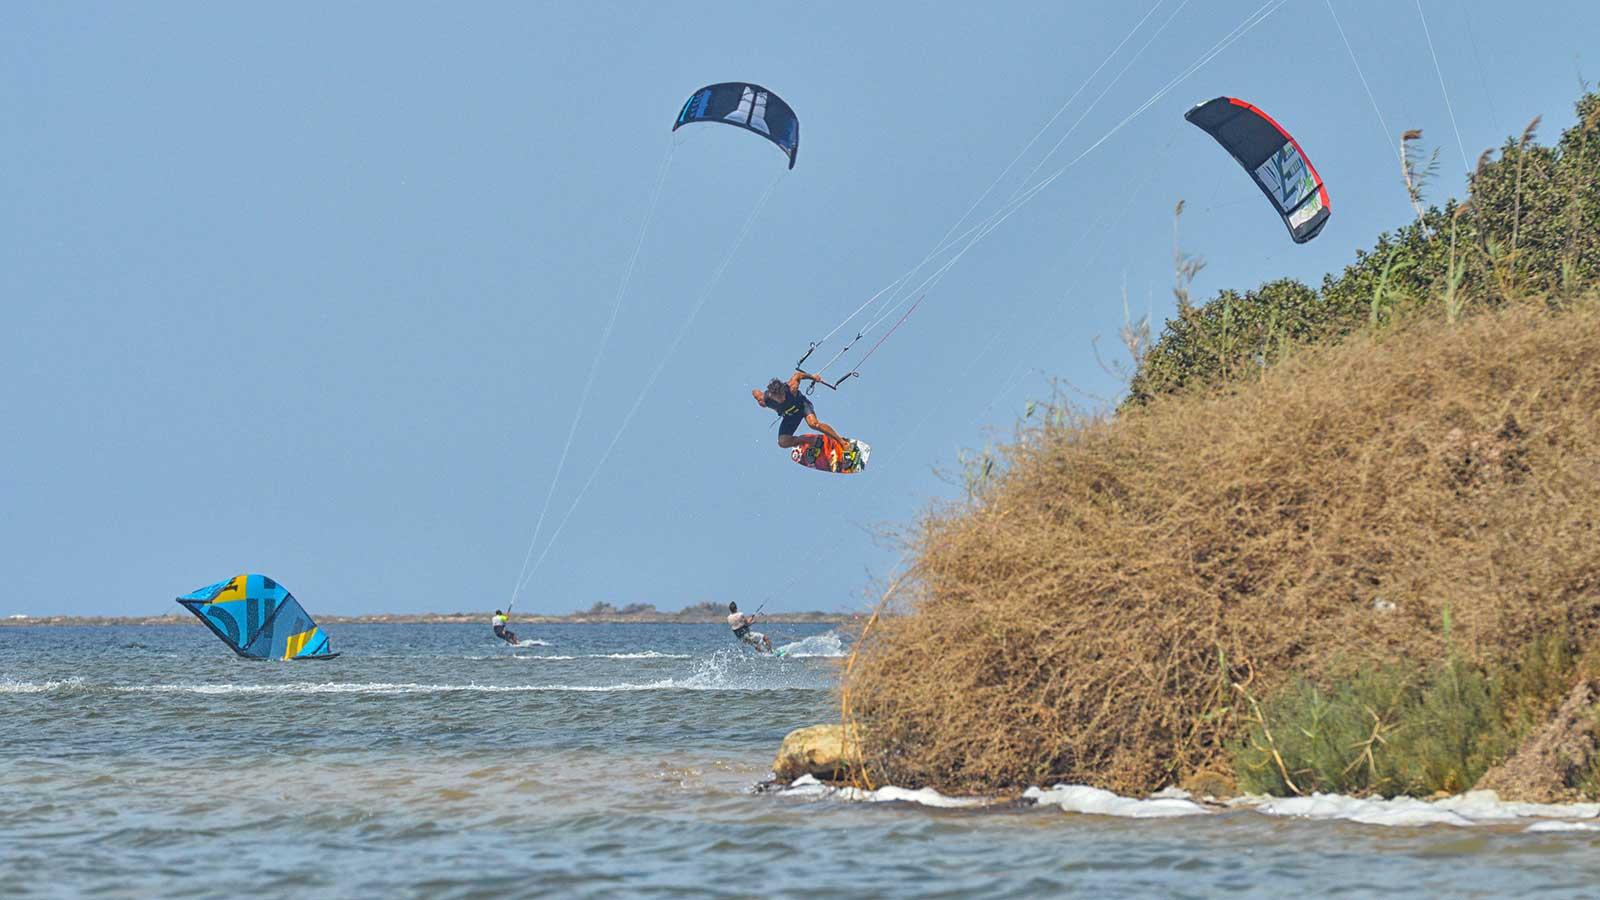 Stagnone-laguna-kite-surf-italia-01